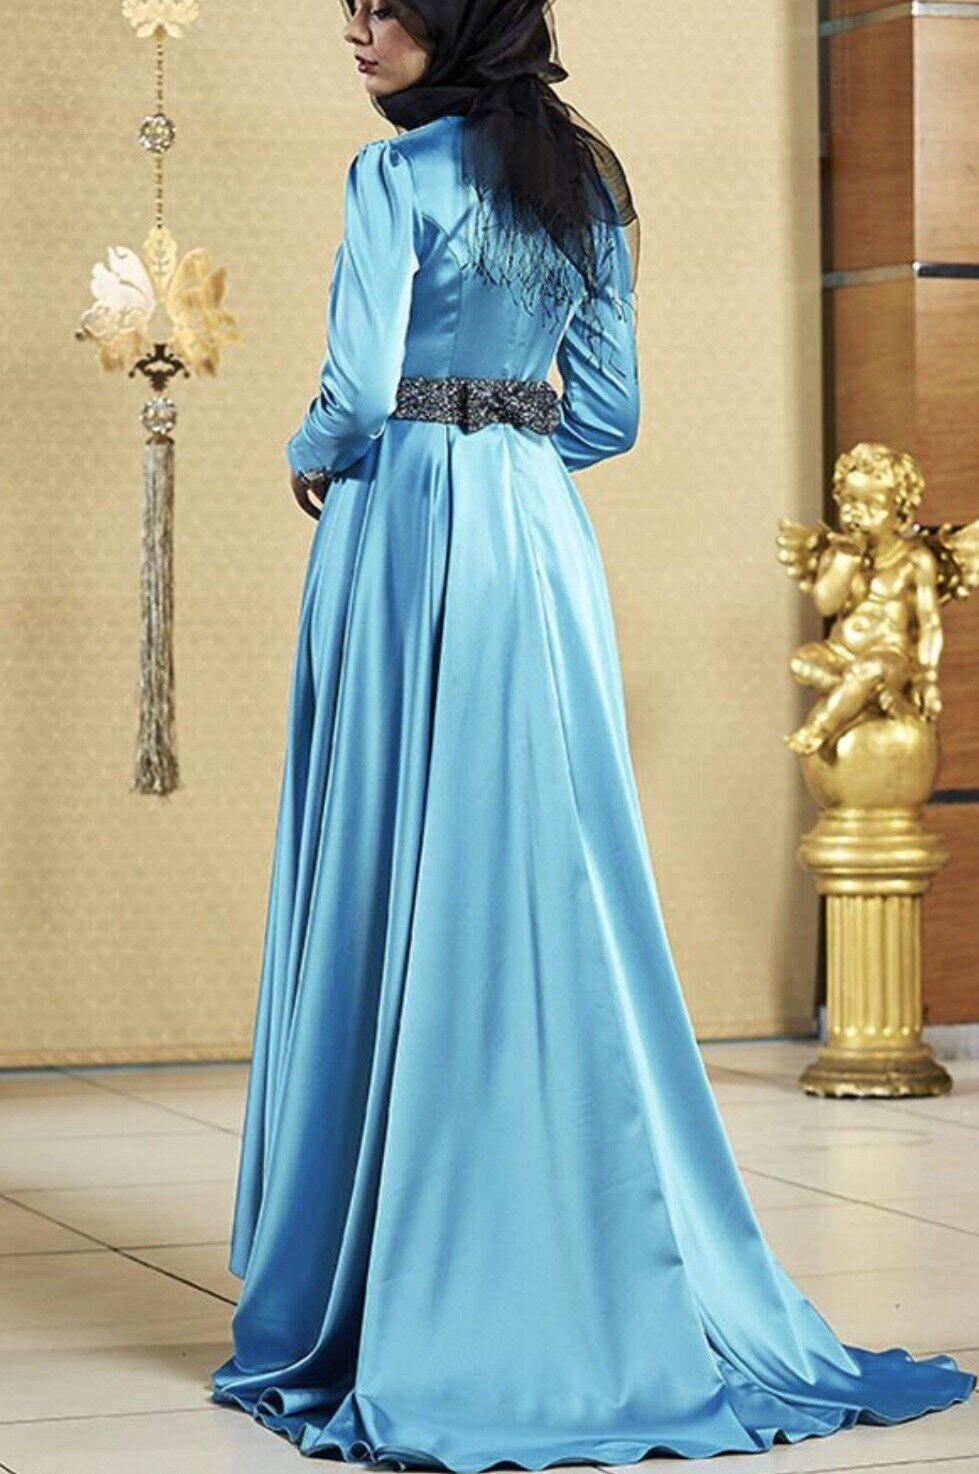 Abendkleid Satin Neu Türkis Kleid Abiye Elbise Gr. 36 - 38 Hijab Tesettür Dügün